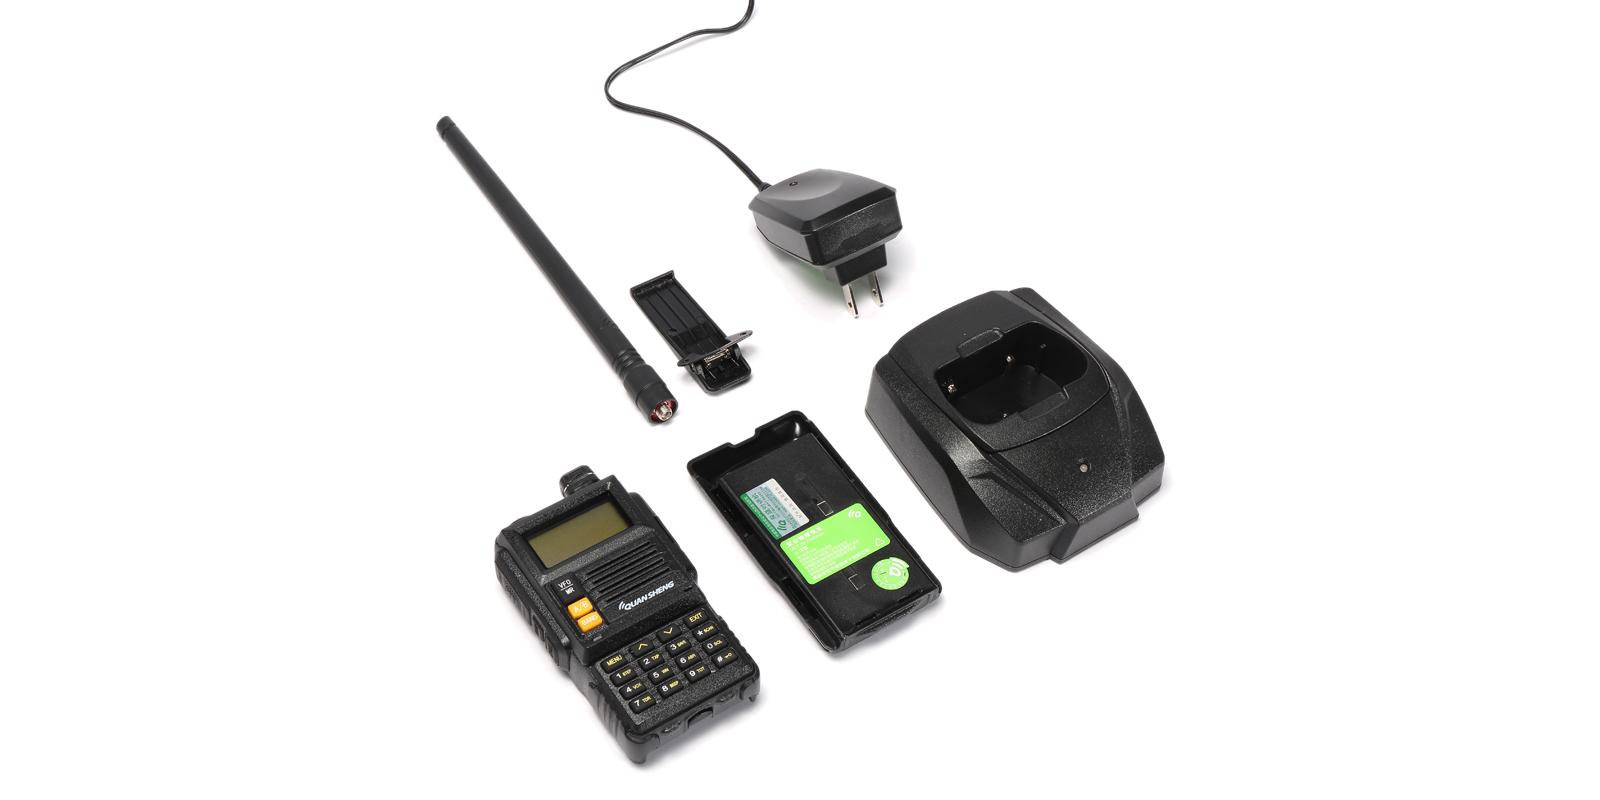 QUANSHENG TG-K4ATUV 128 Channels Mini Two Way Dual Band 400~480MHz Handheld Radio Walkie Talkie